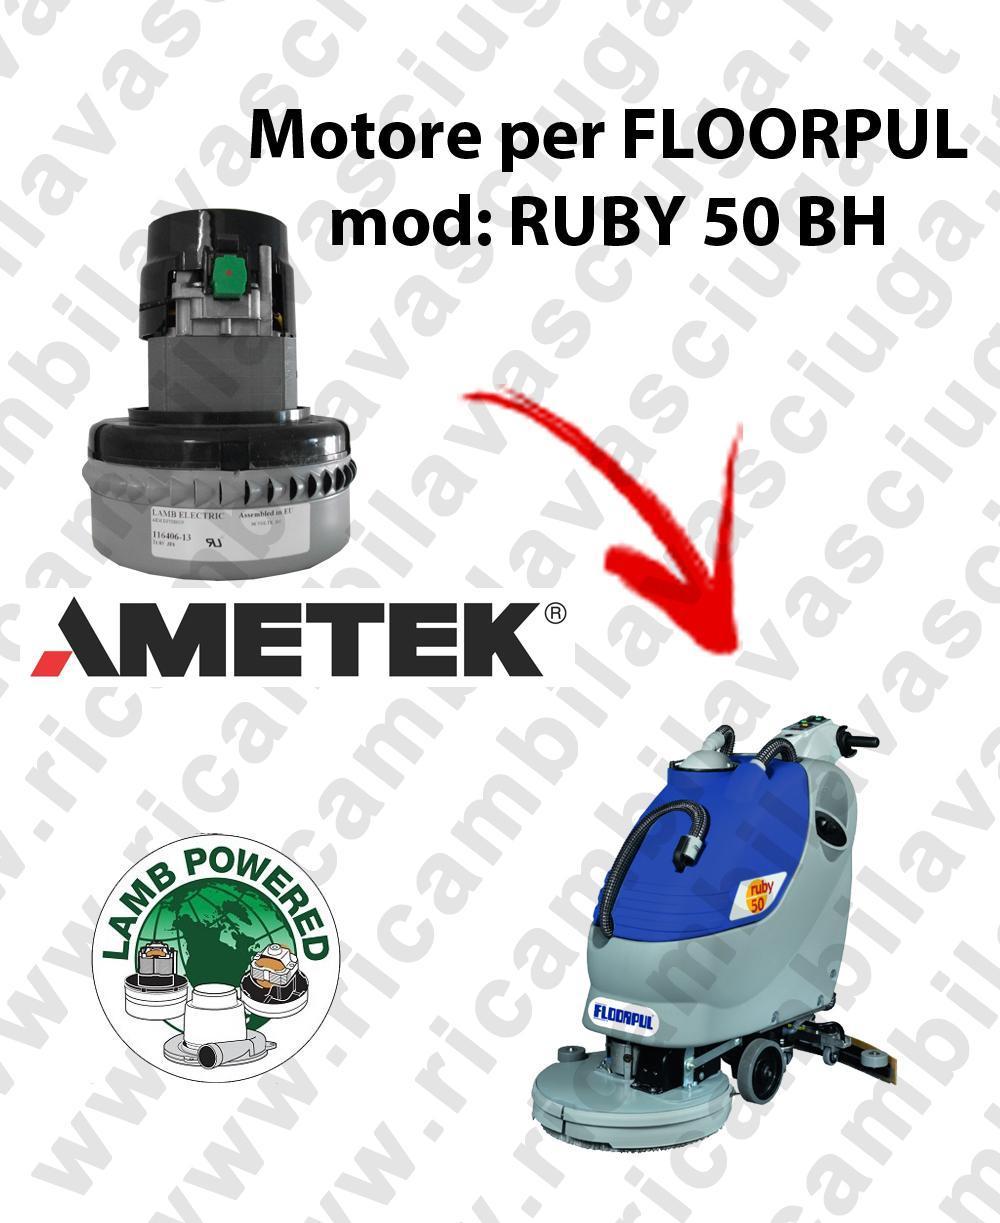 RUBY 50 BH MOTEUR ASPIRATION LAMB AMATEK pour autolaveuses FLOORPUL